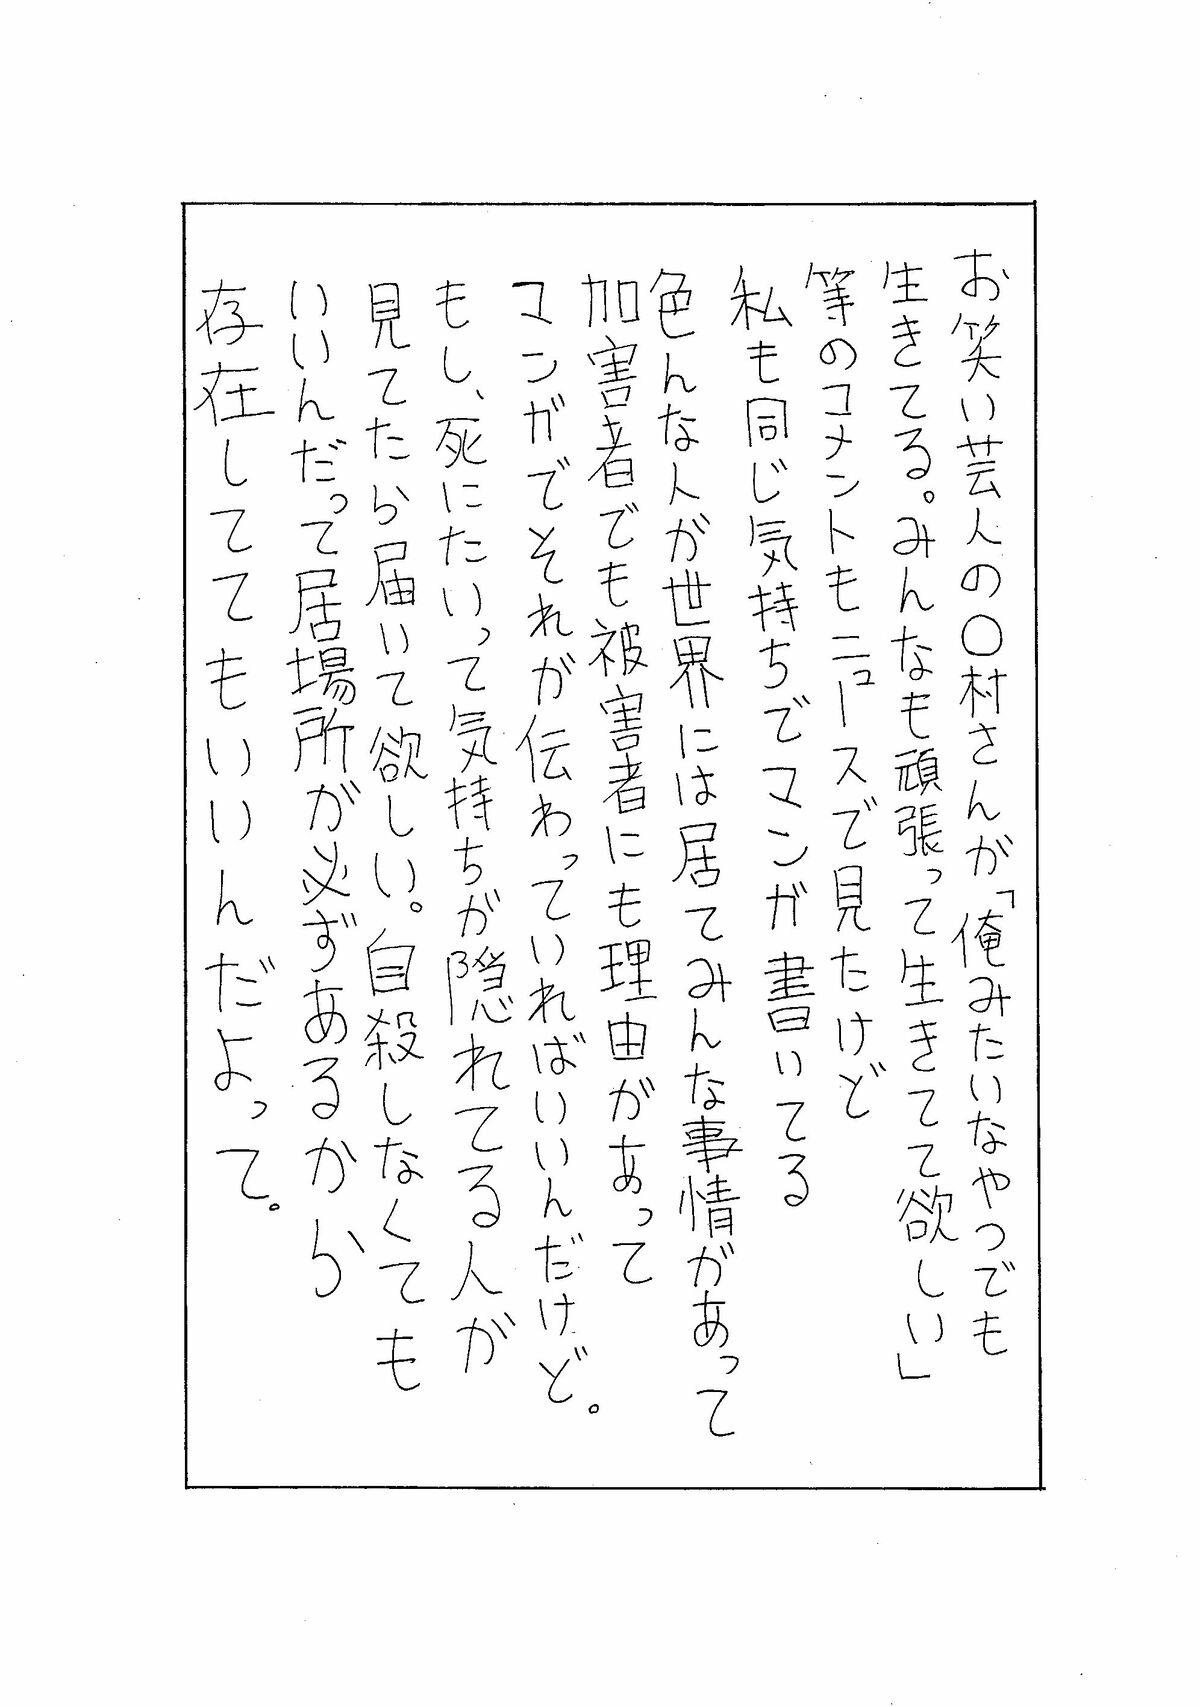 父は日本人 母は原住民族 (文章) 2019.10.19